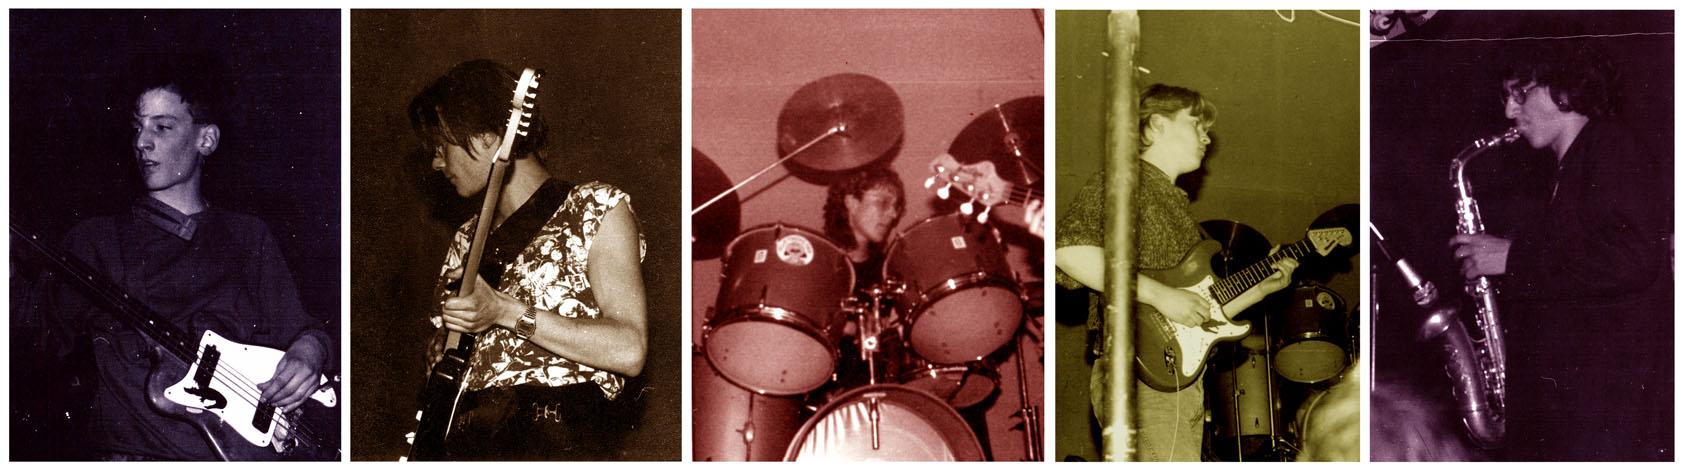 die band reininghaus 1987